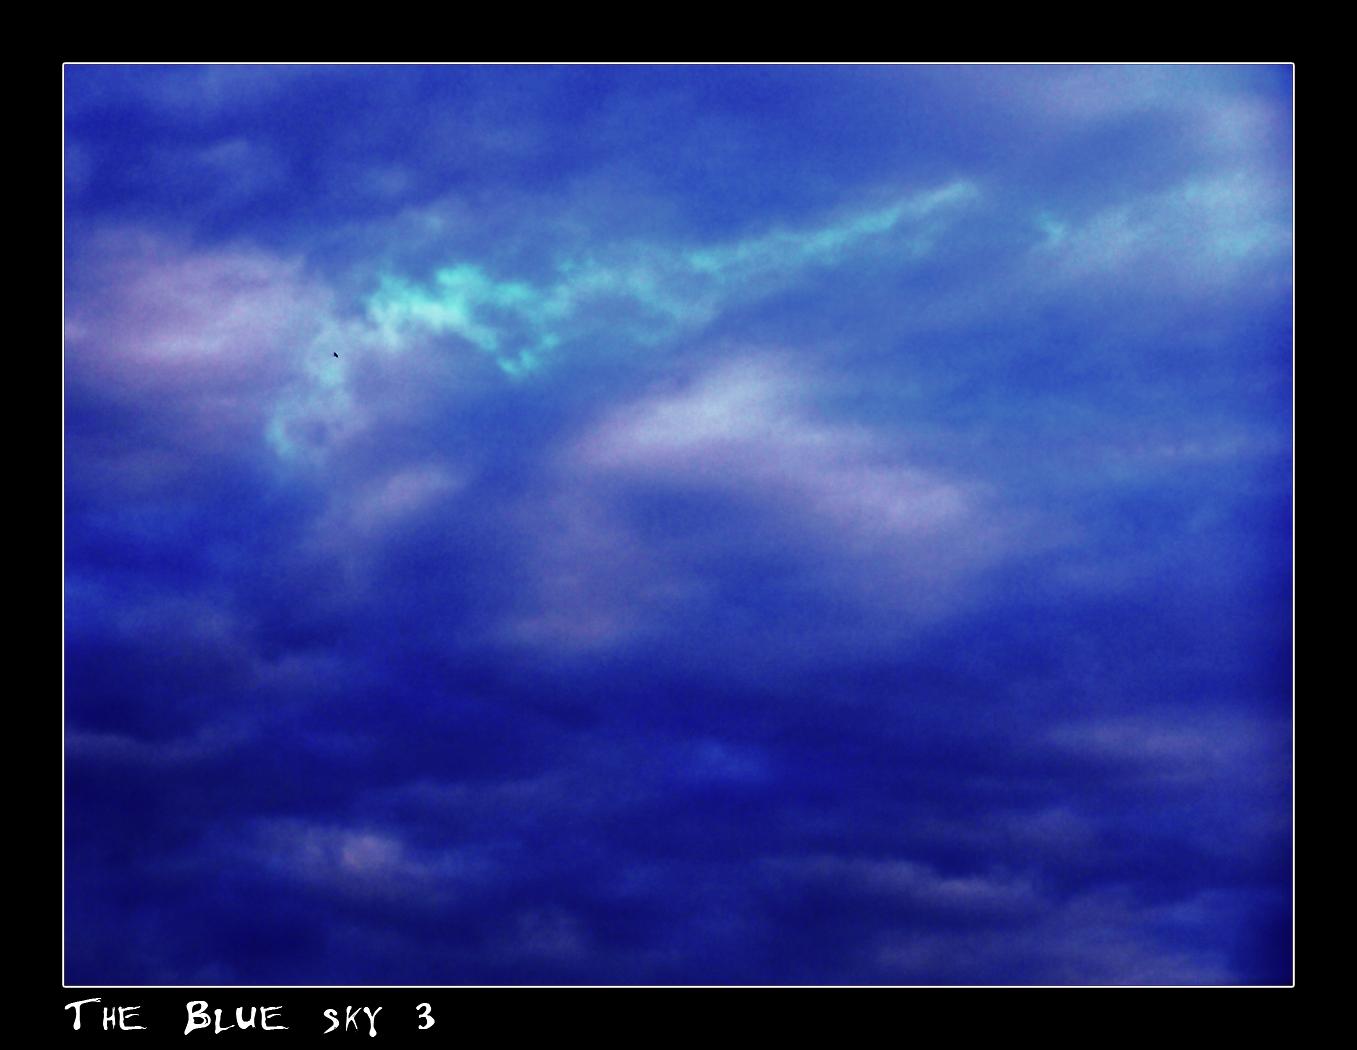 The Blue Sky 3